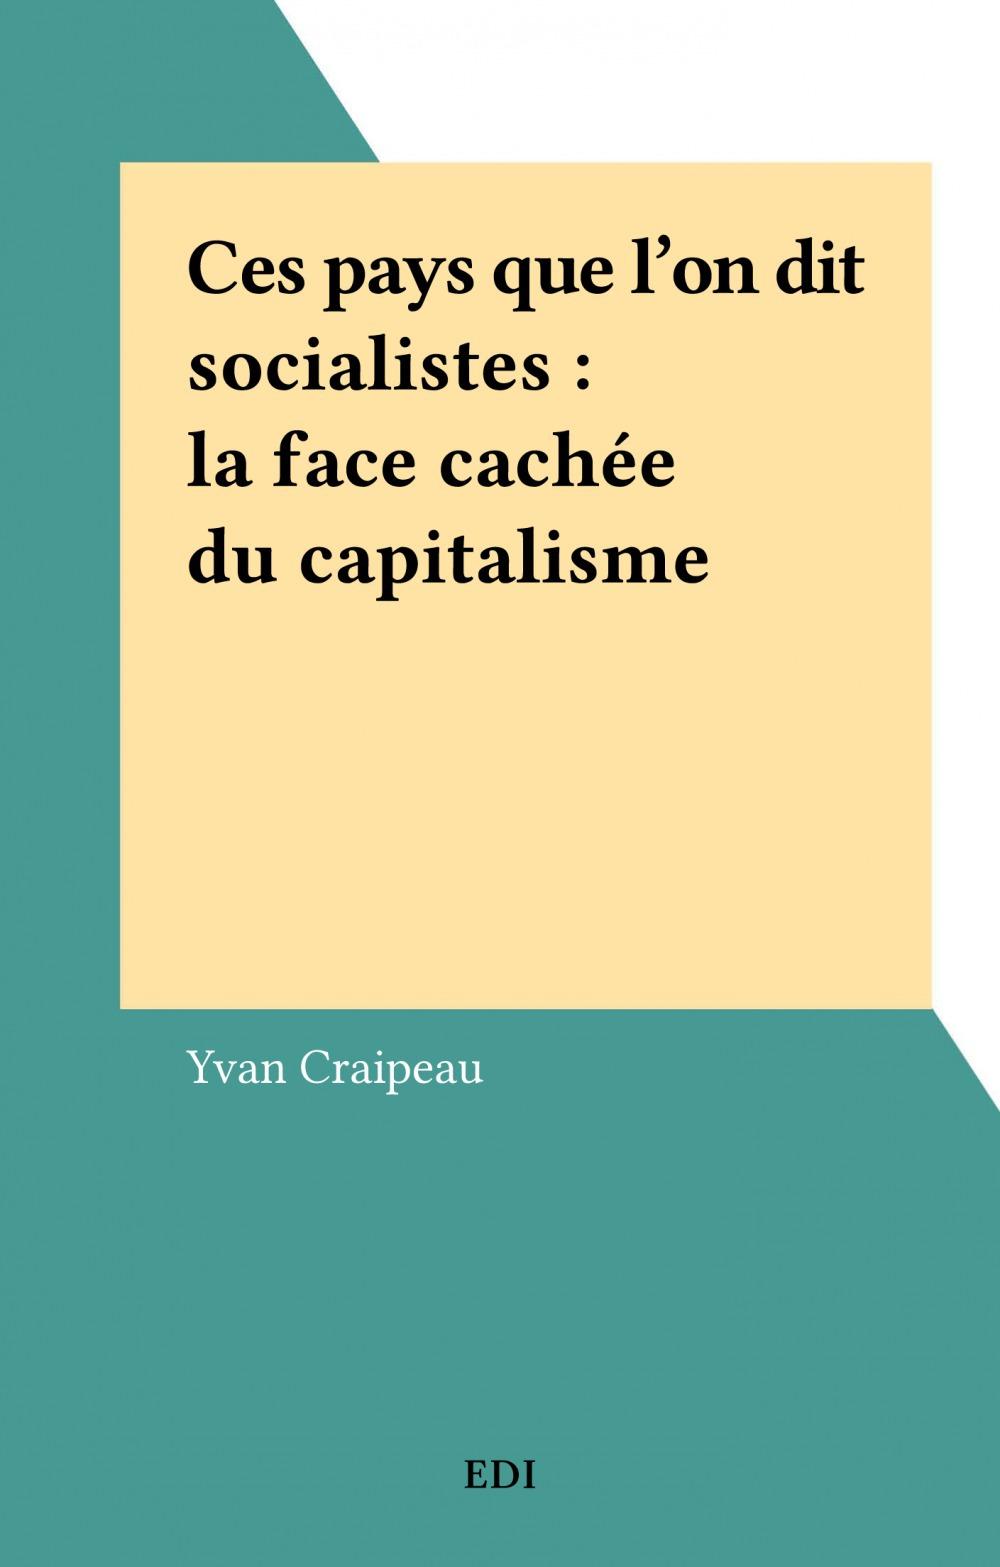 Ces pays que l'on dit socialistes : la face cachée du capitalisme